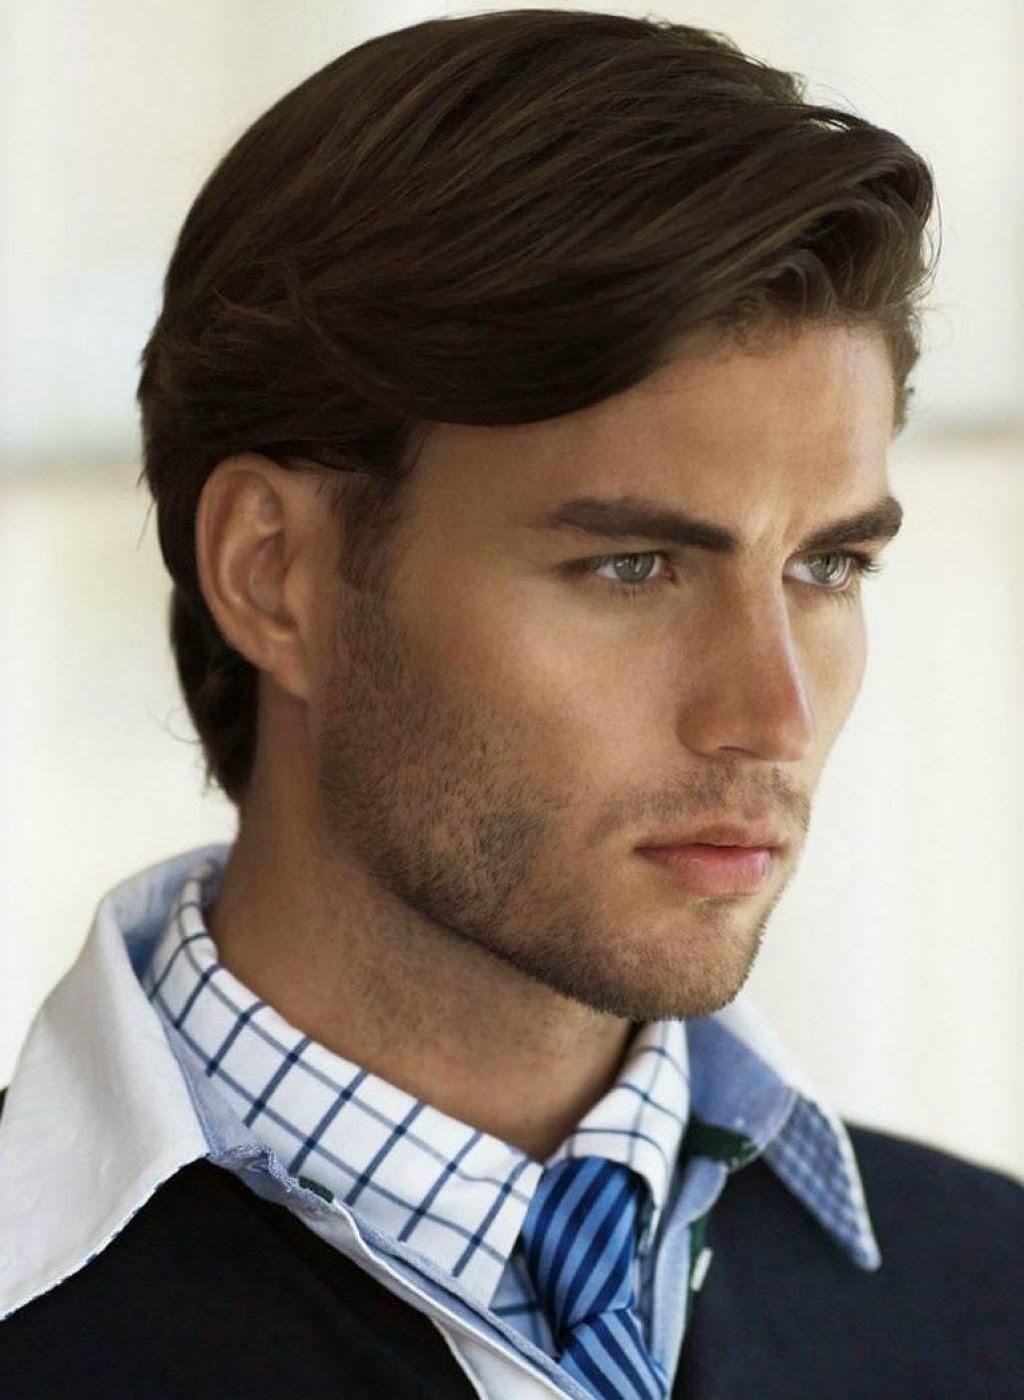 Peinados Formales Para Hombres Cortes de Pelo para Hombres - Peinados Formales Para Hombres